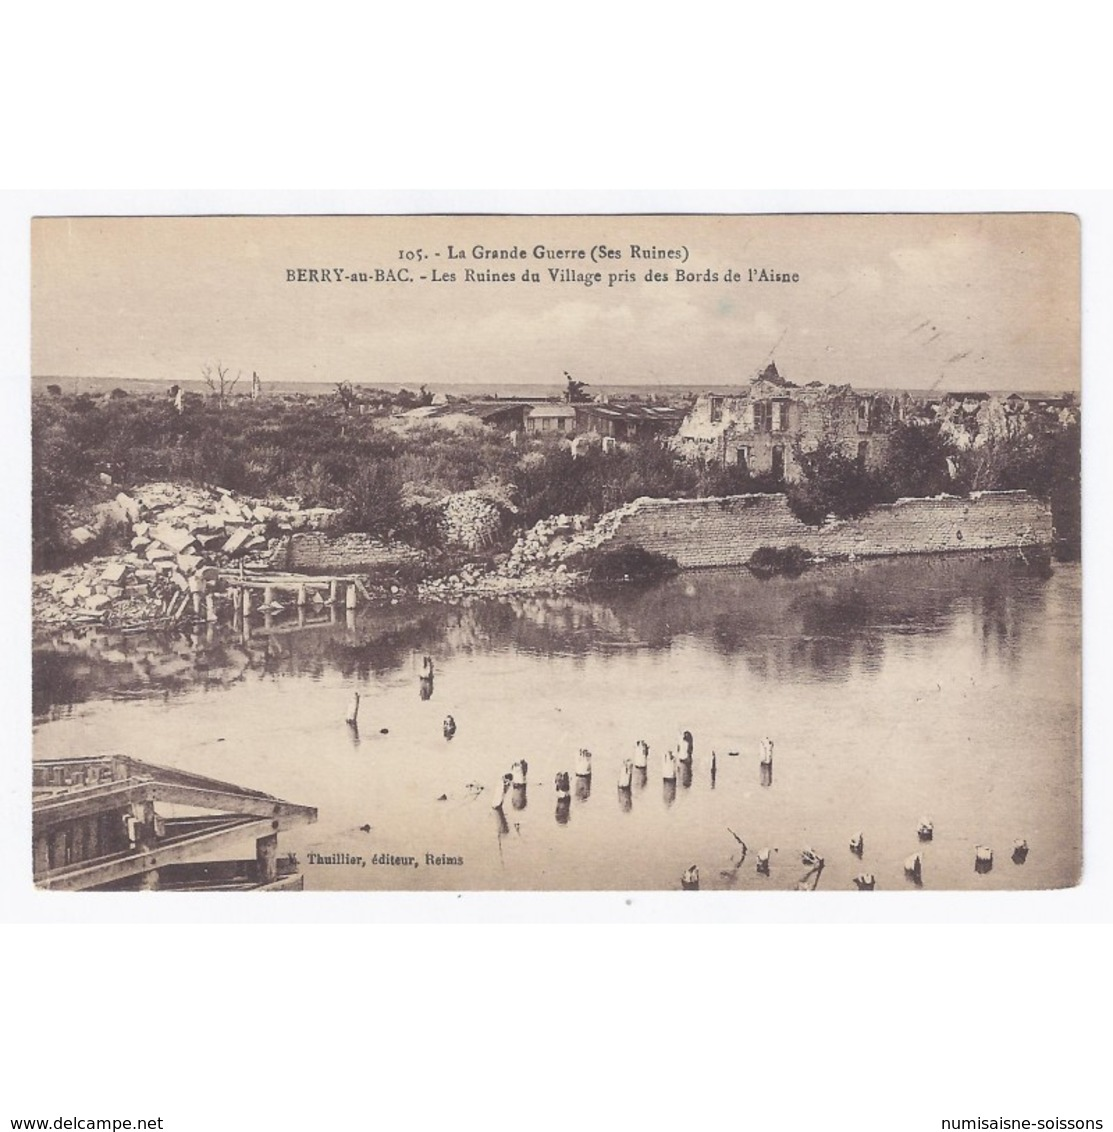 02190 - BERRY-AU-BAC - LA GRANDE GUERRE - LES RUINES DU VILLAGE PRIS DES BORDS DE L'AISNE - - France